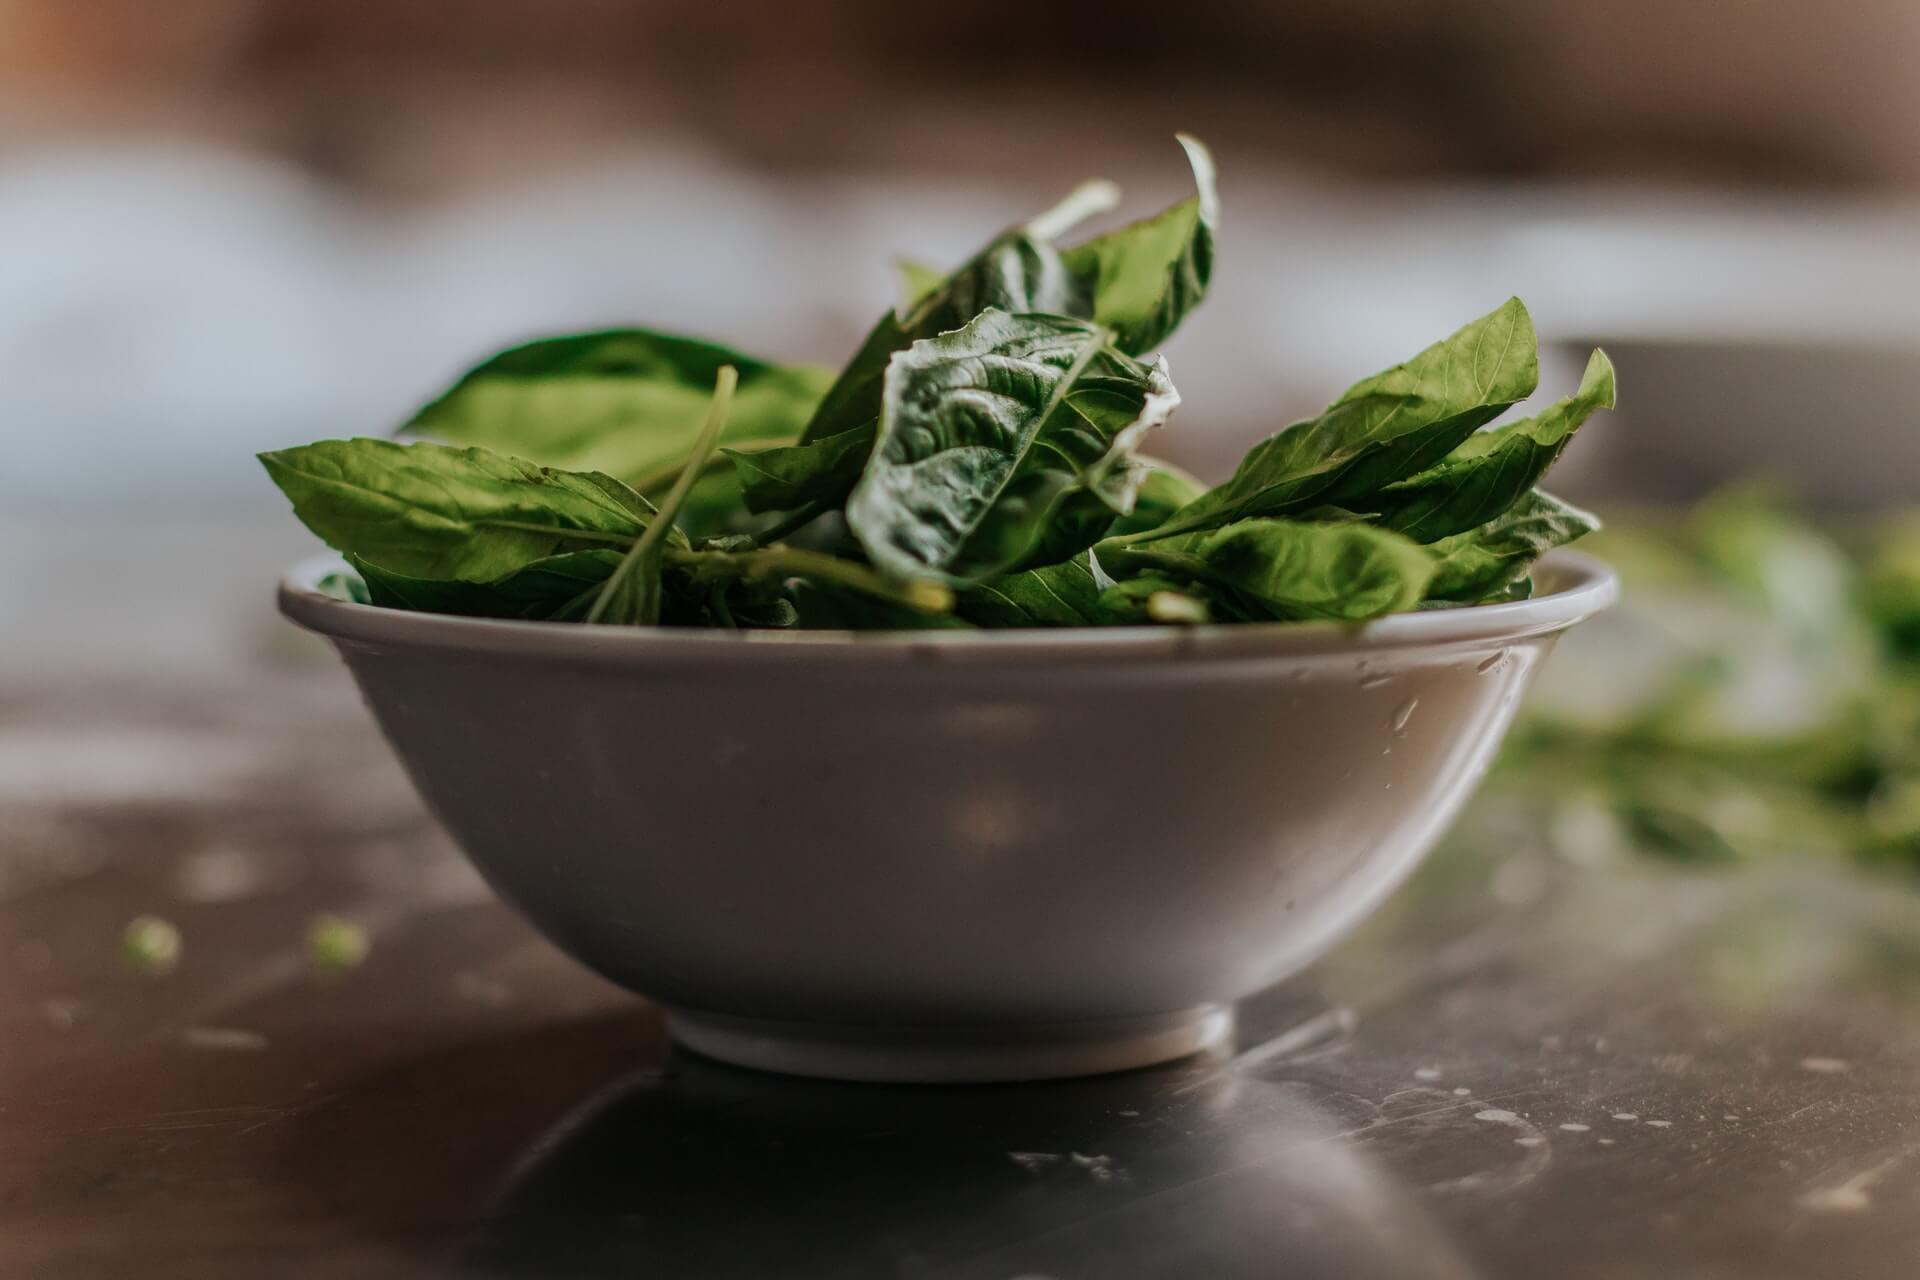 Spinat macht stark - Deutsche Forscher bestätigen: Spinat macht stark